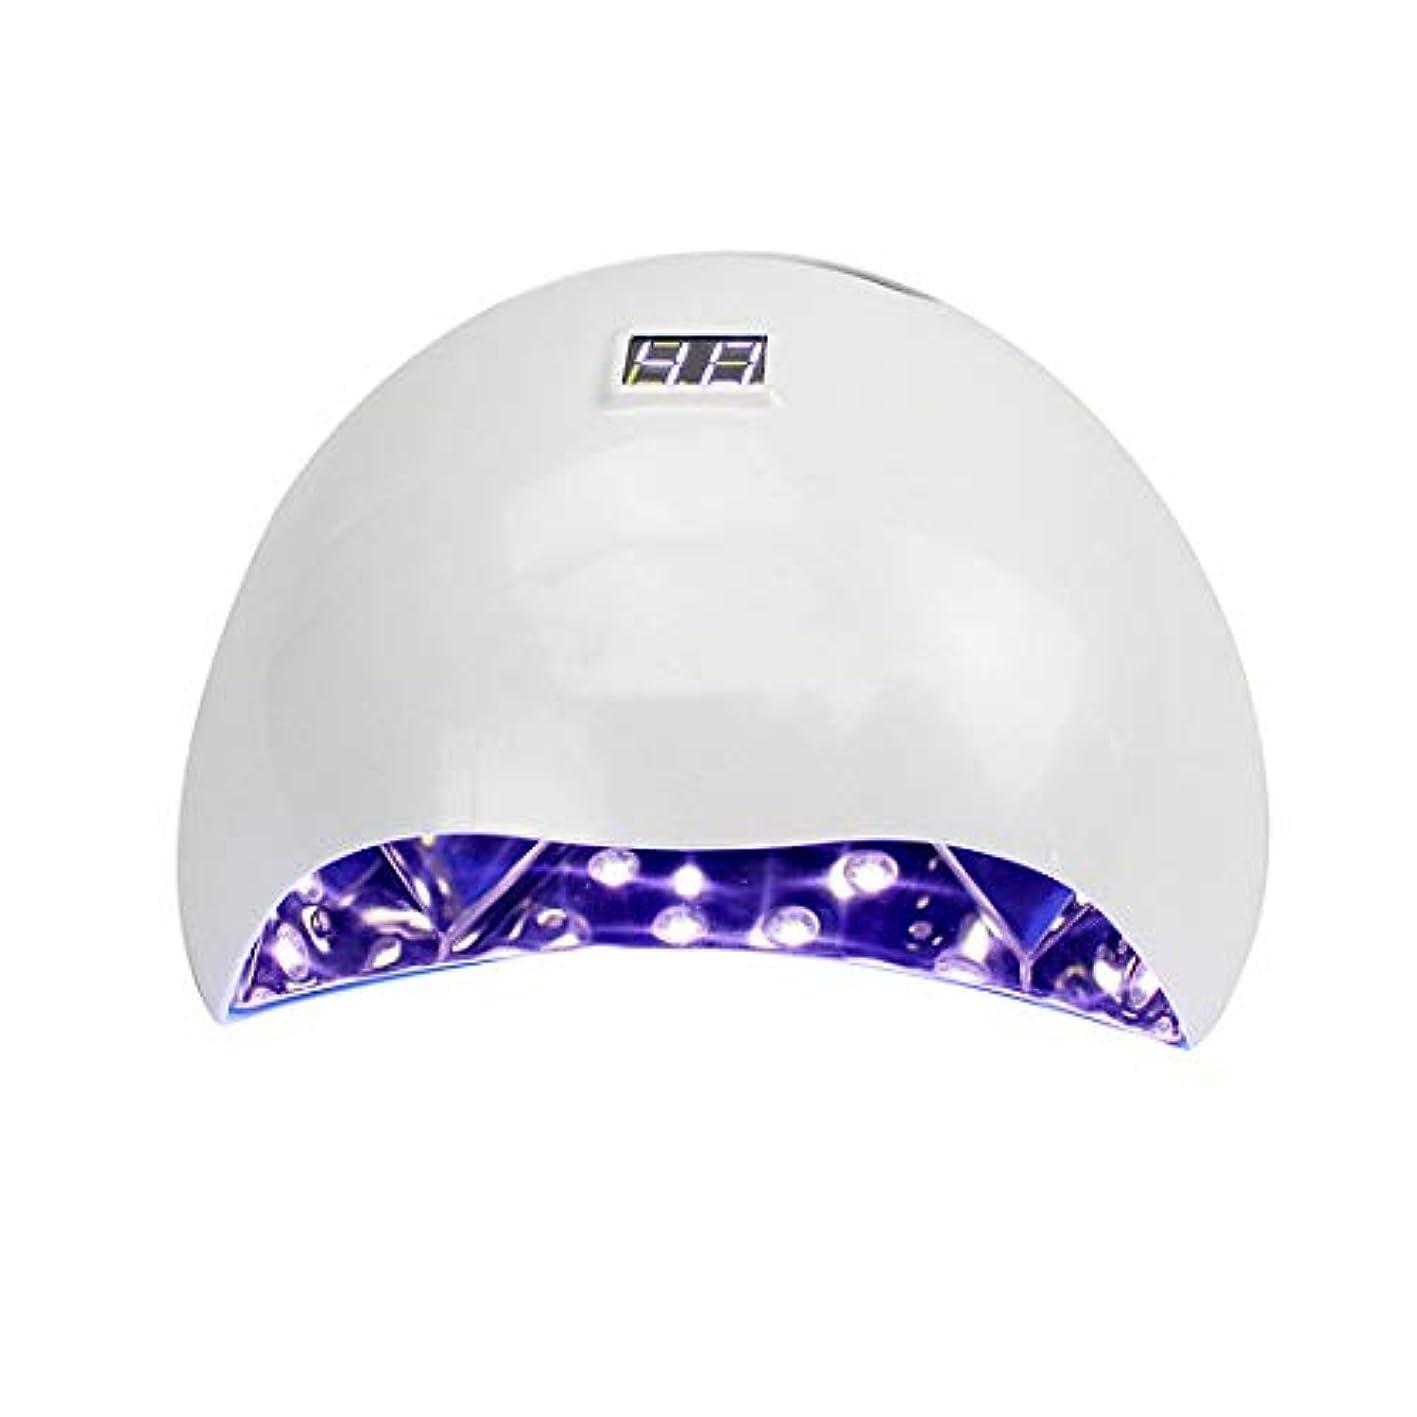 脳比喩求めるシェラックおよびゲルの釘のための専門の紫外線およびLEDの釘ランプそして釘のドライヤーの表示